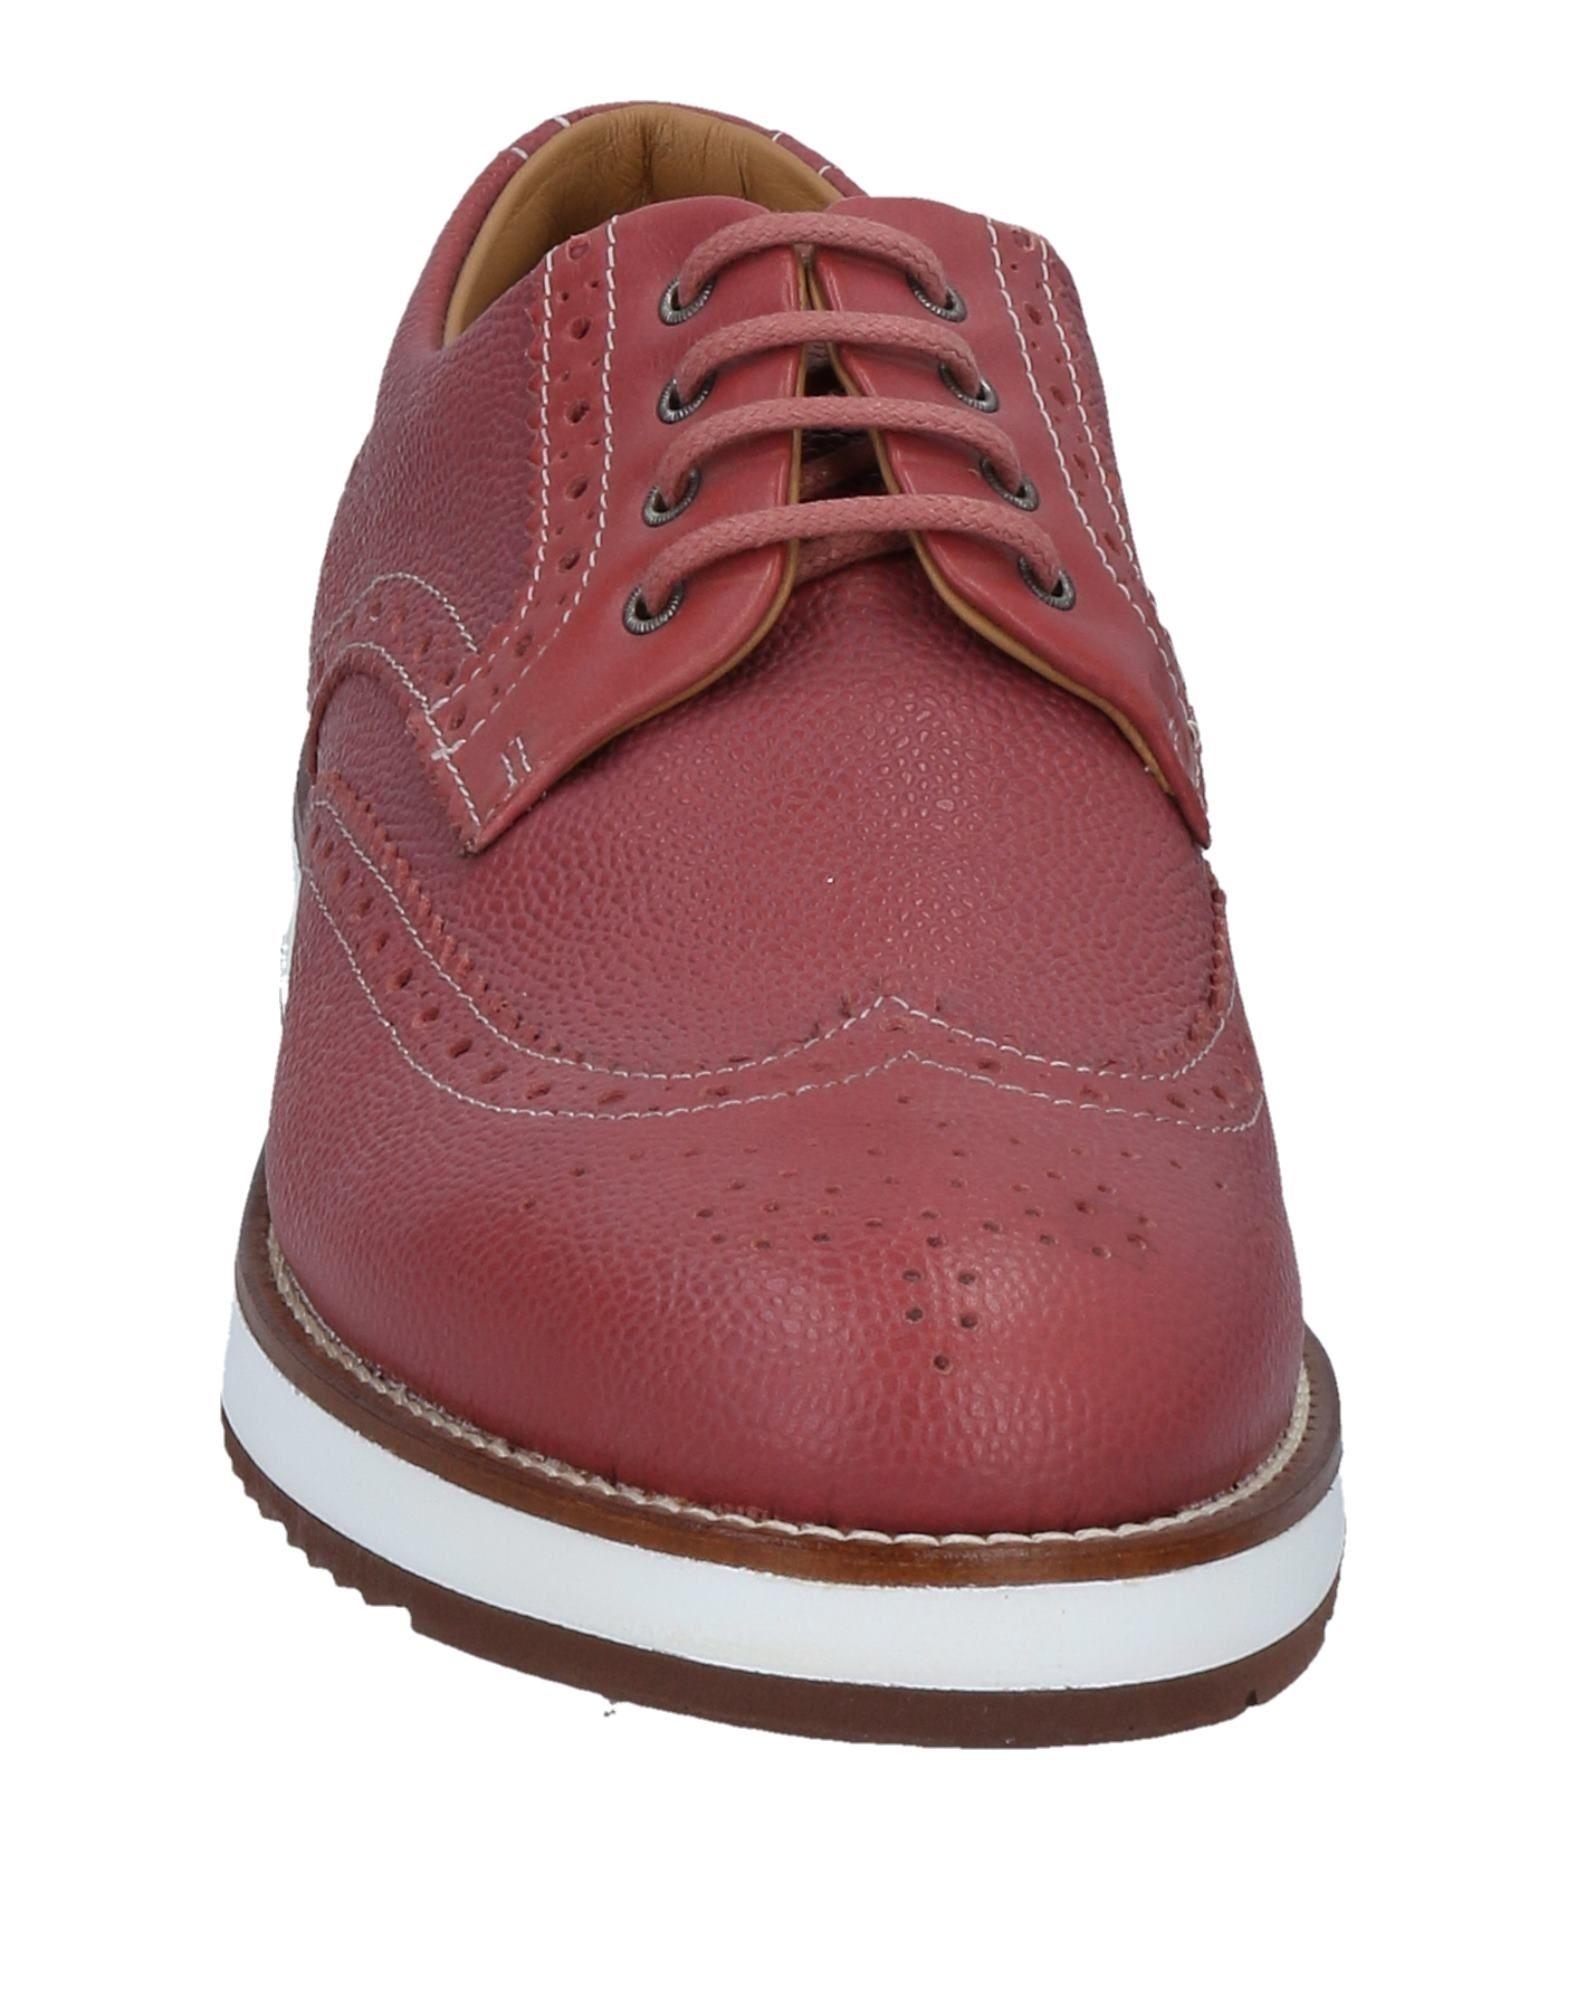 Heiße Barleycorn Schnürschuhe Herren  11505029SS Heiße  Schuhe 91cba1